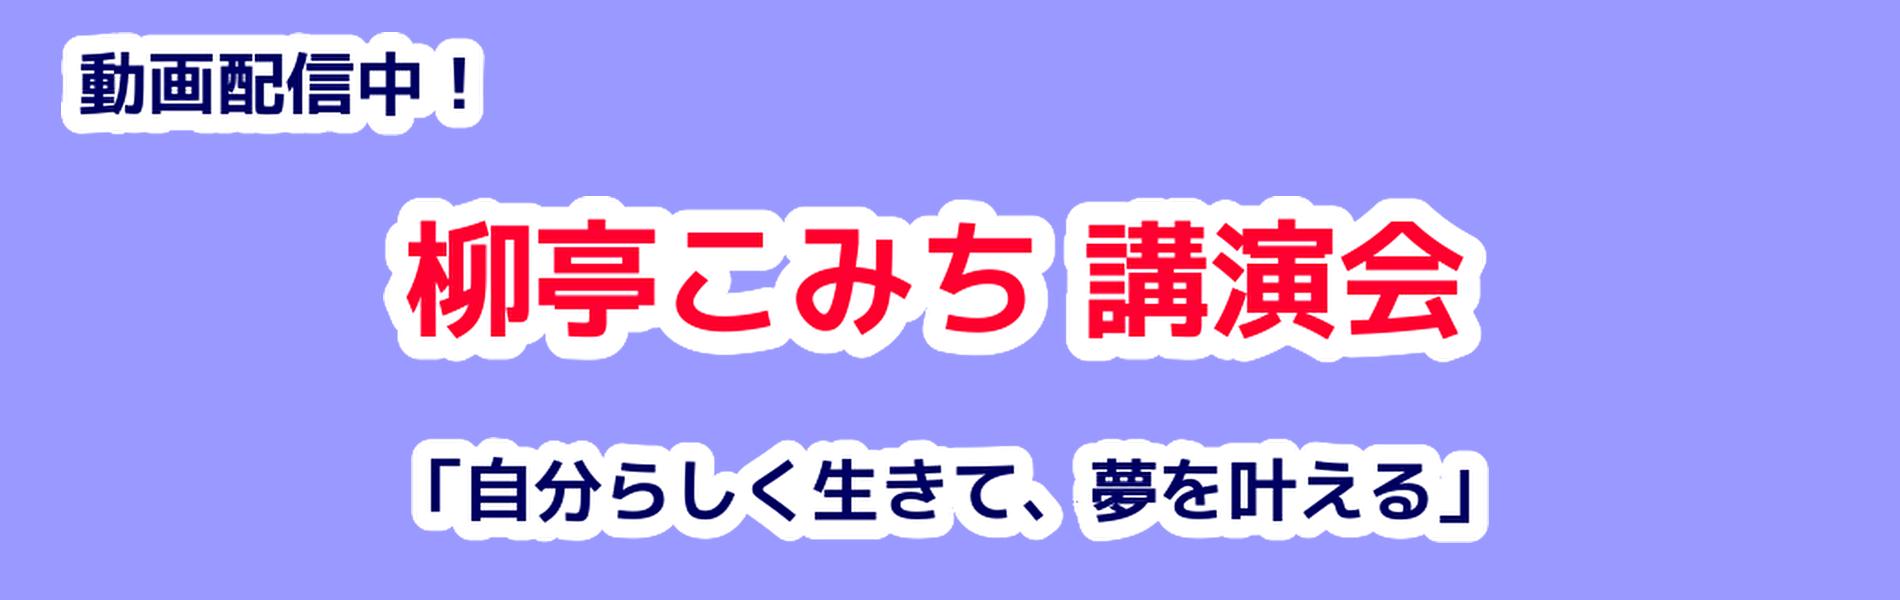 柳亭こみち講演会&インタビュー動画